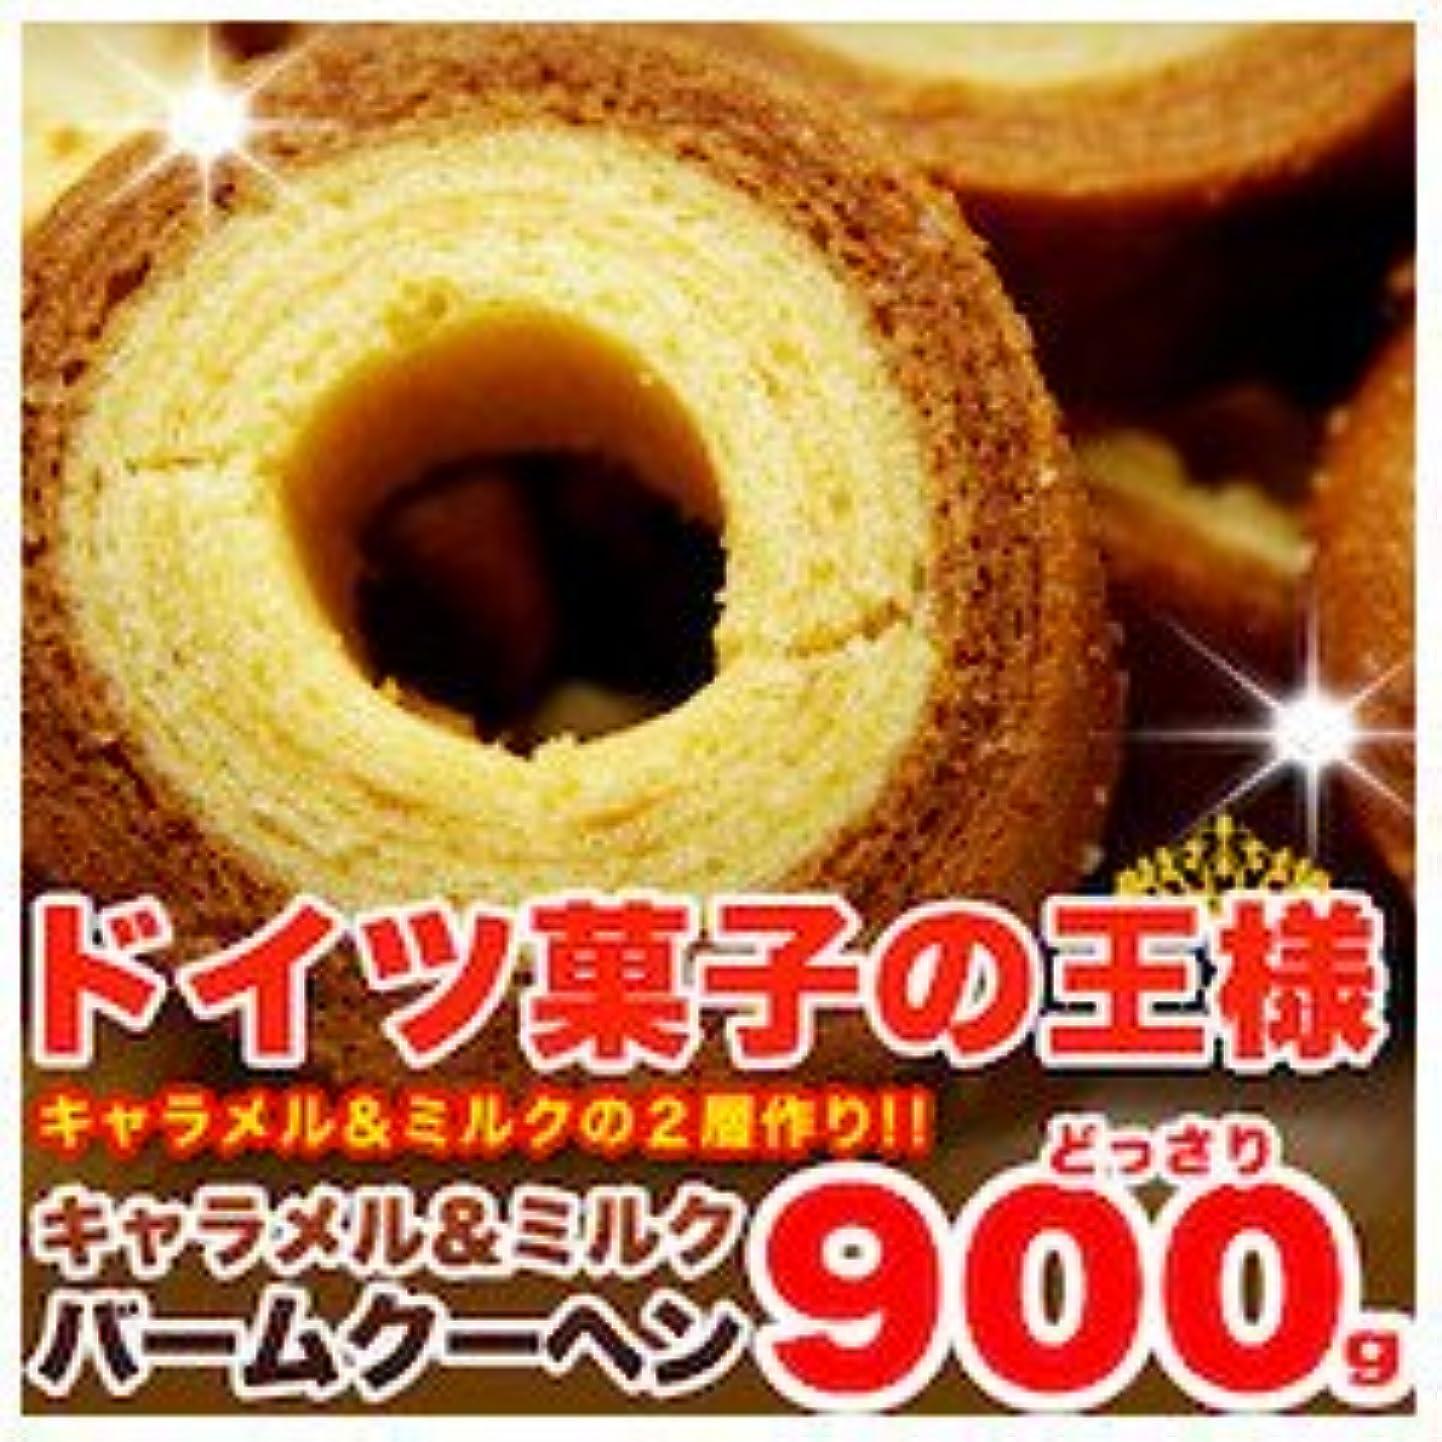 区バンカーデータム【訳あり】 キャラメル&ミルクバームクーヘン どっさり900g